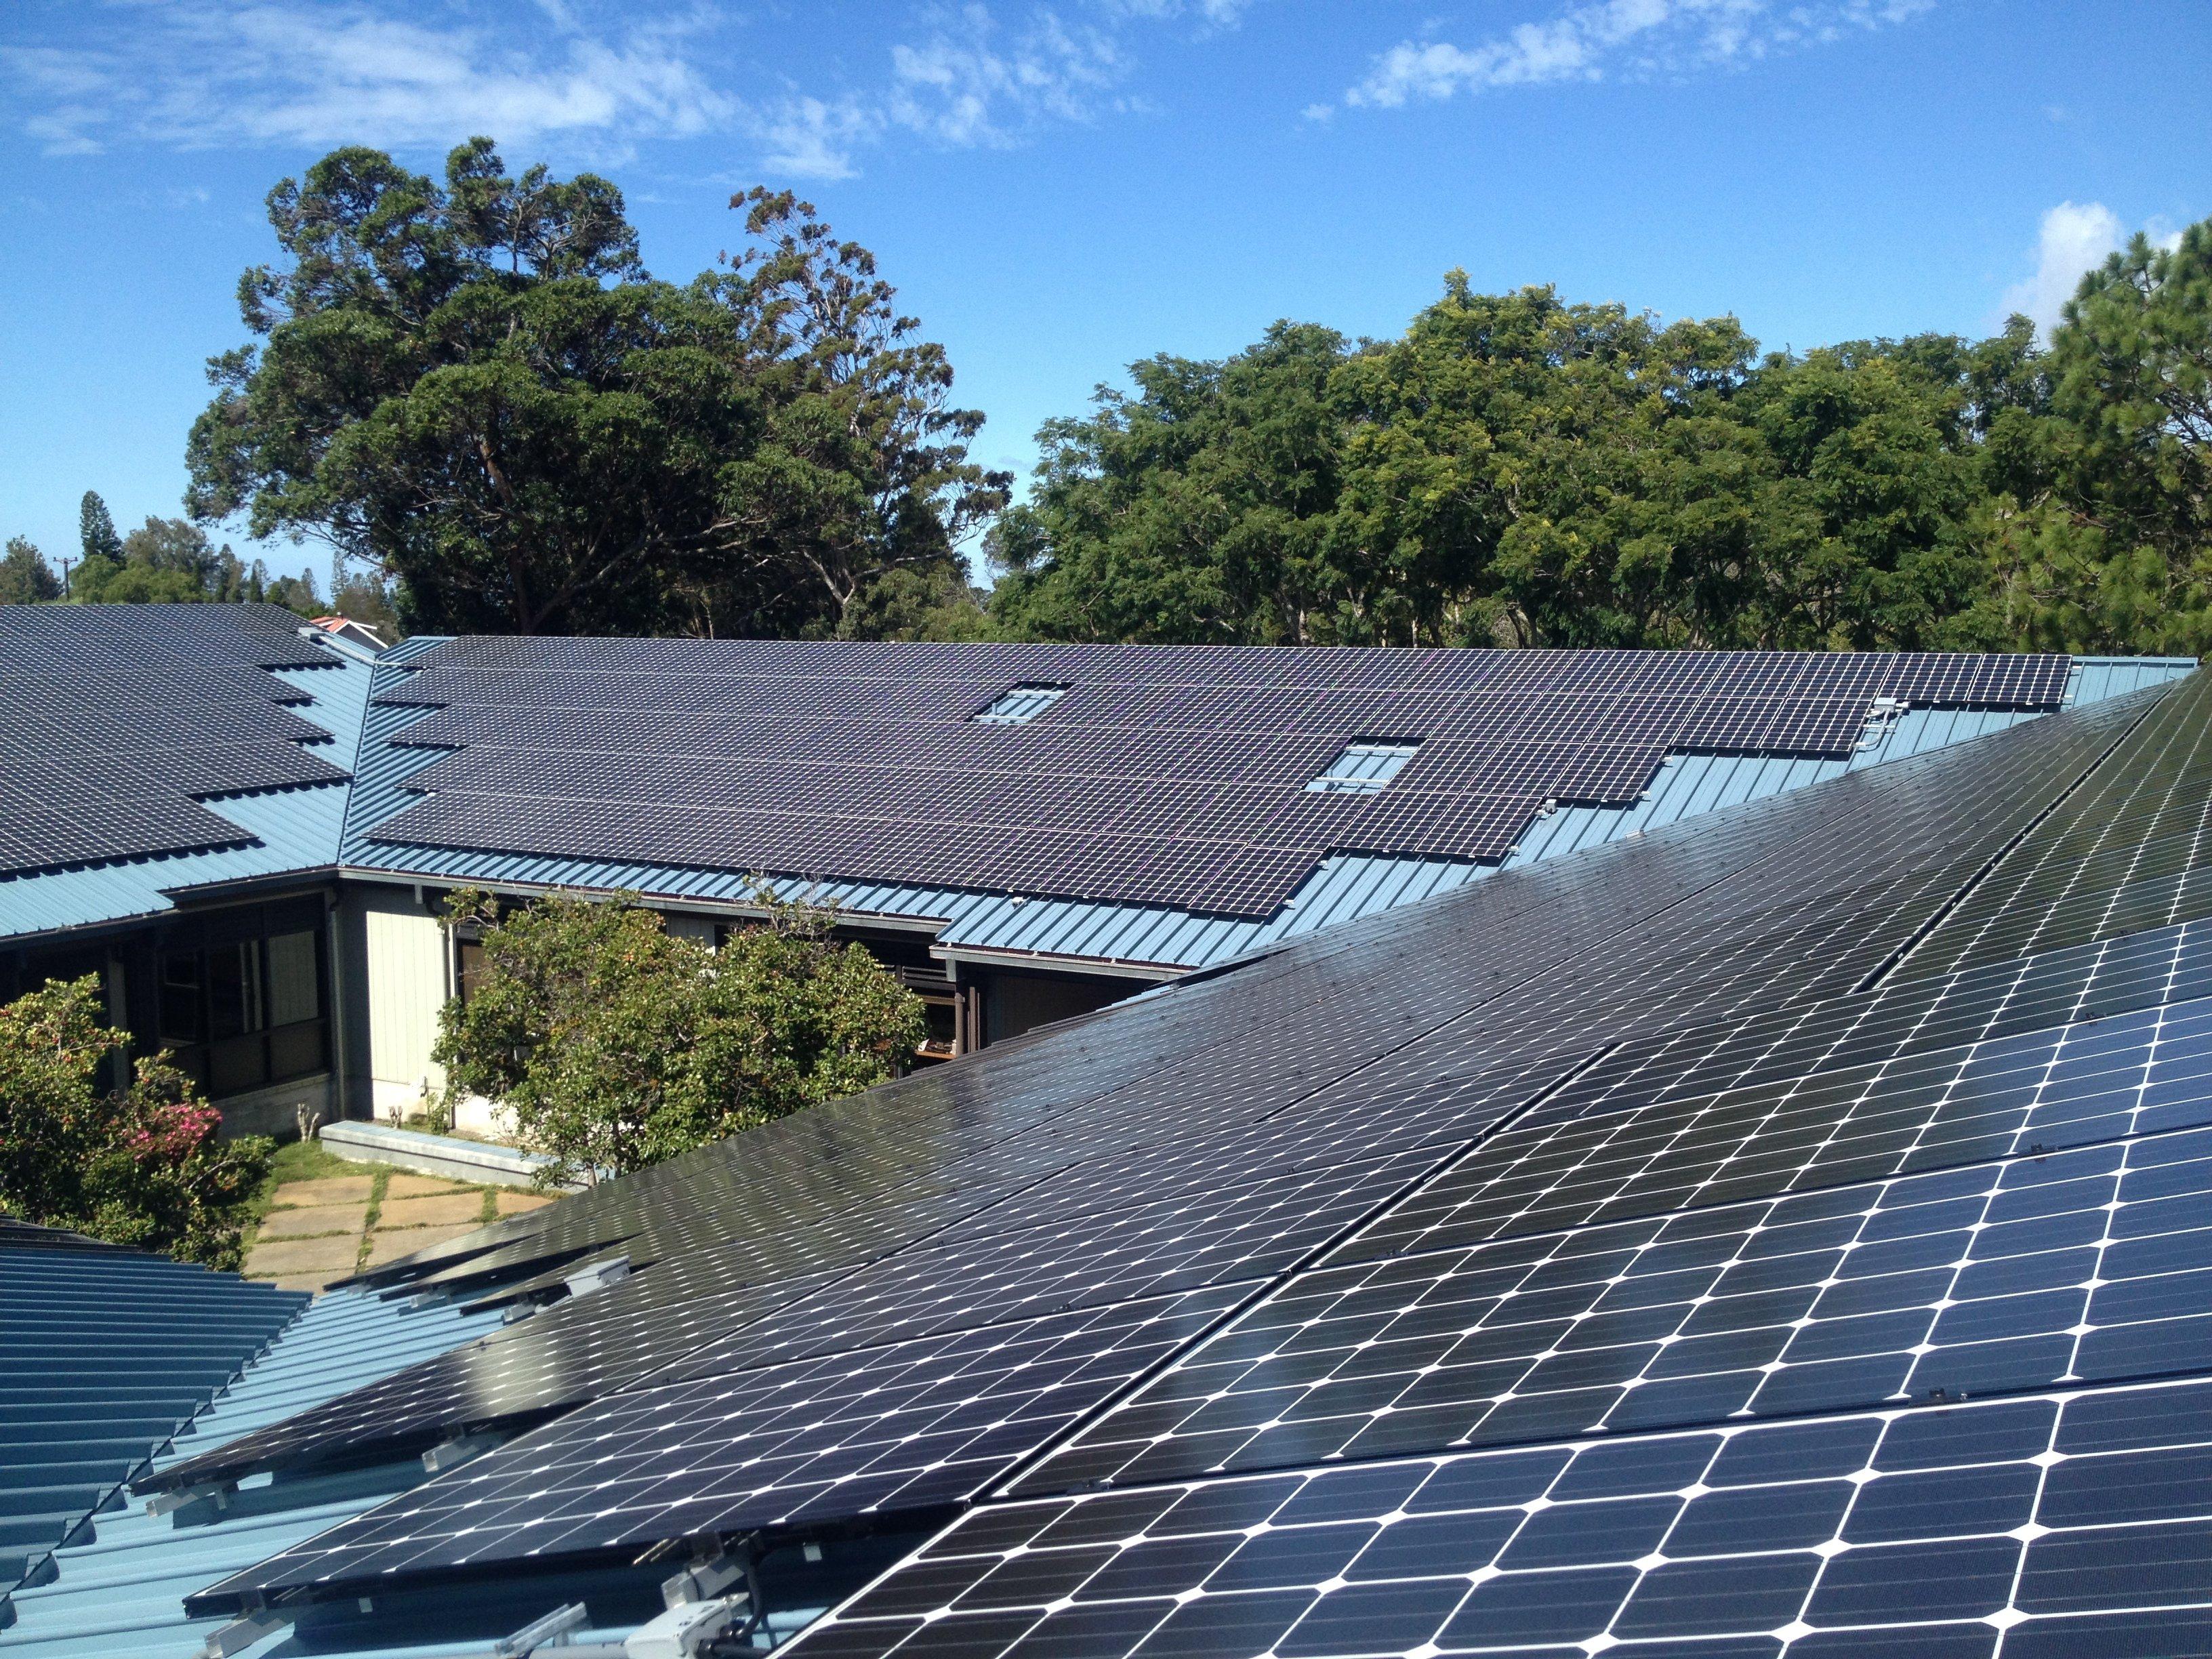 Canada France Hawaii Headquarters installed 98.75 KW solar power system in Honokaa, HI